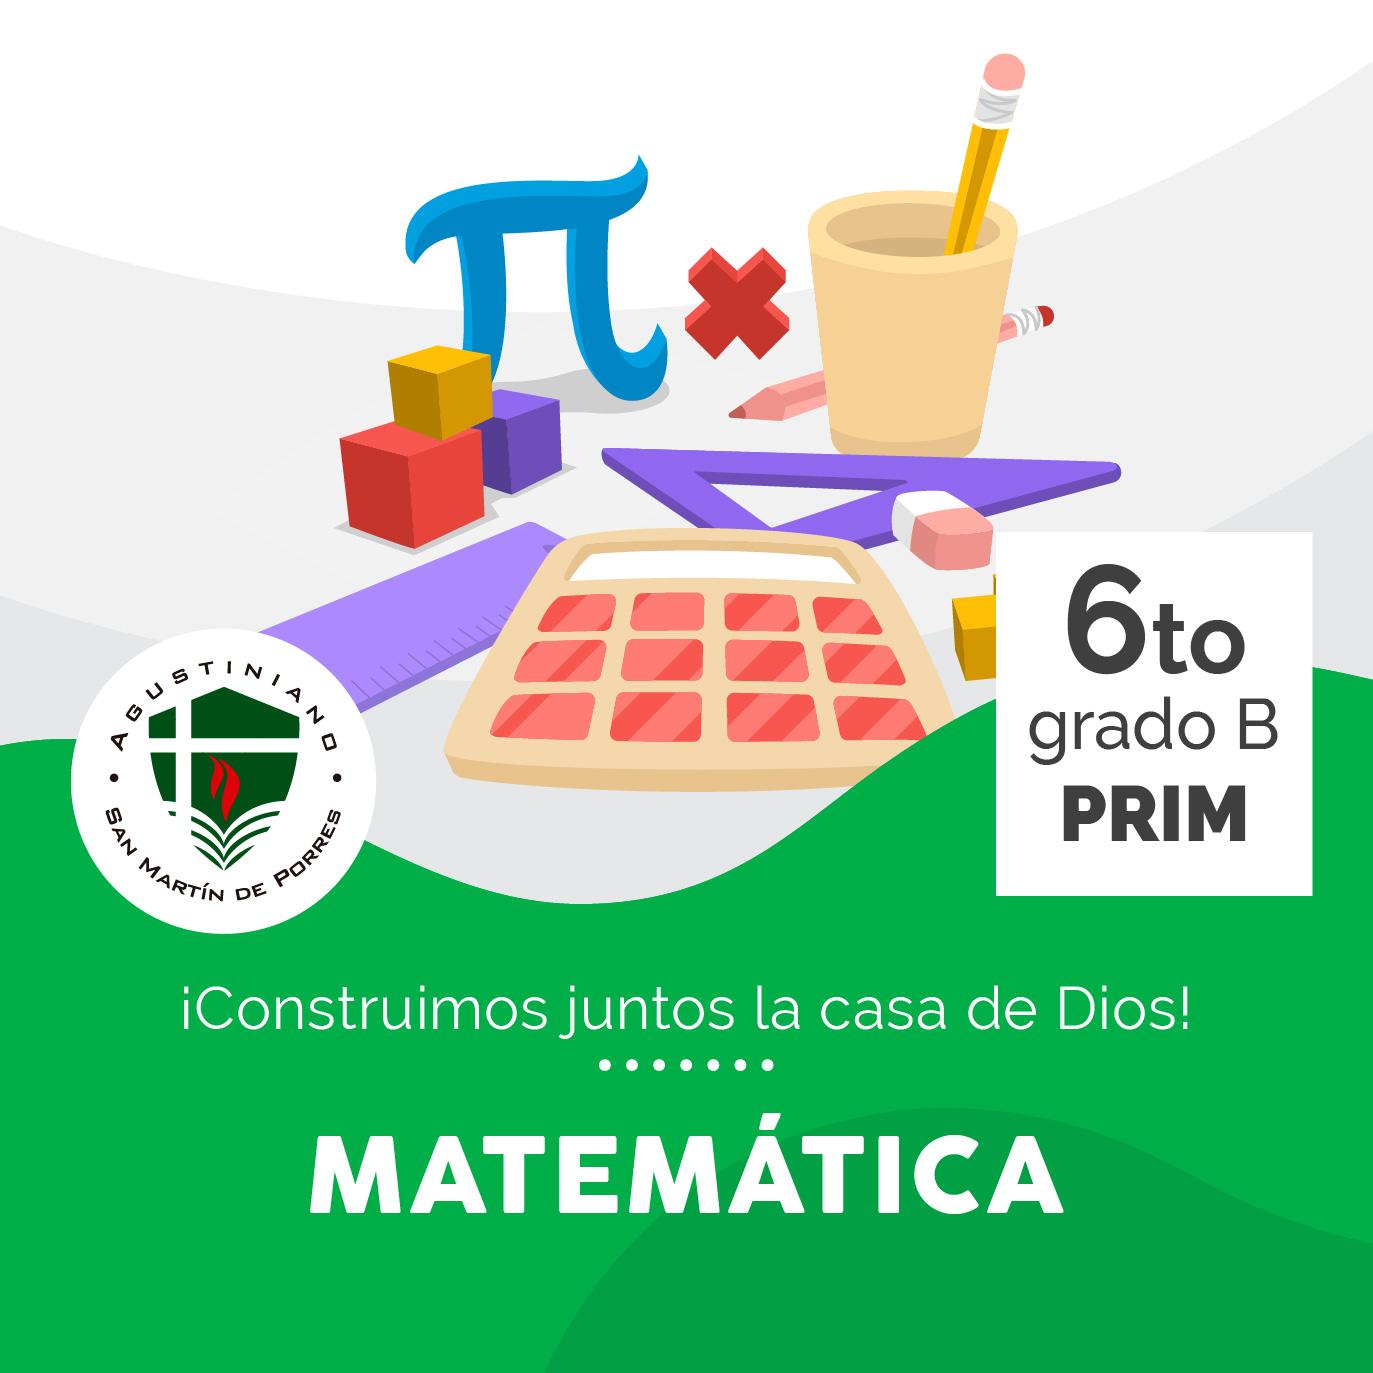 Matemática 6to Grado B